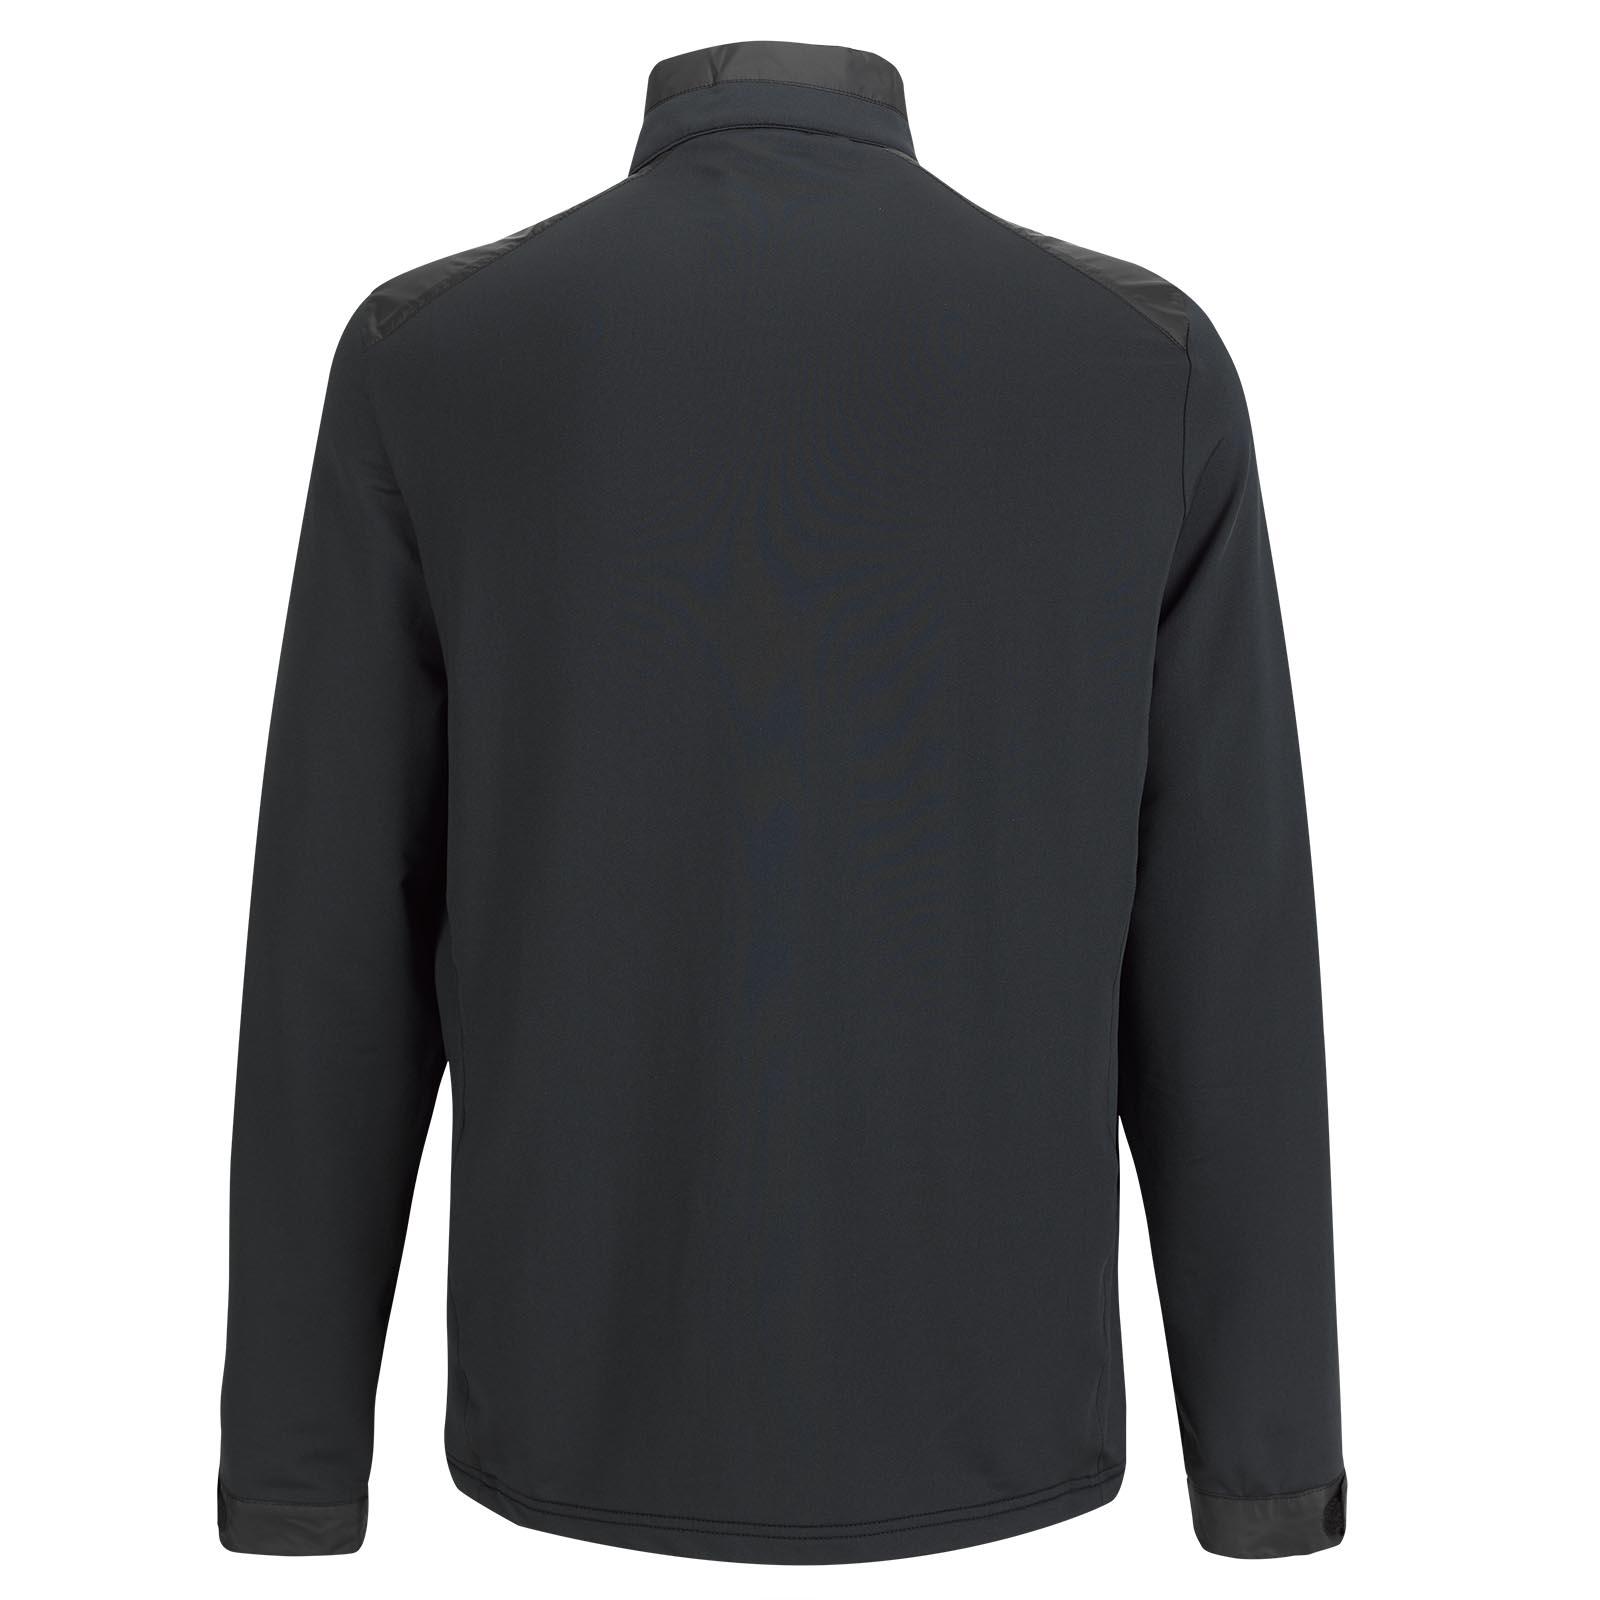 Professionelle Herren Golfjacke Wind Protection ultraleicht und atmungsaktiv